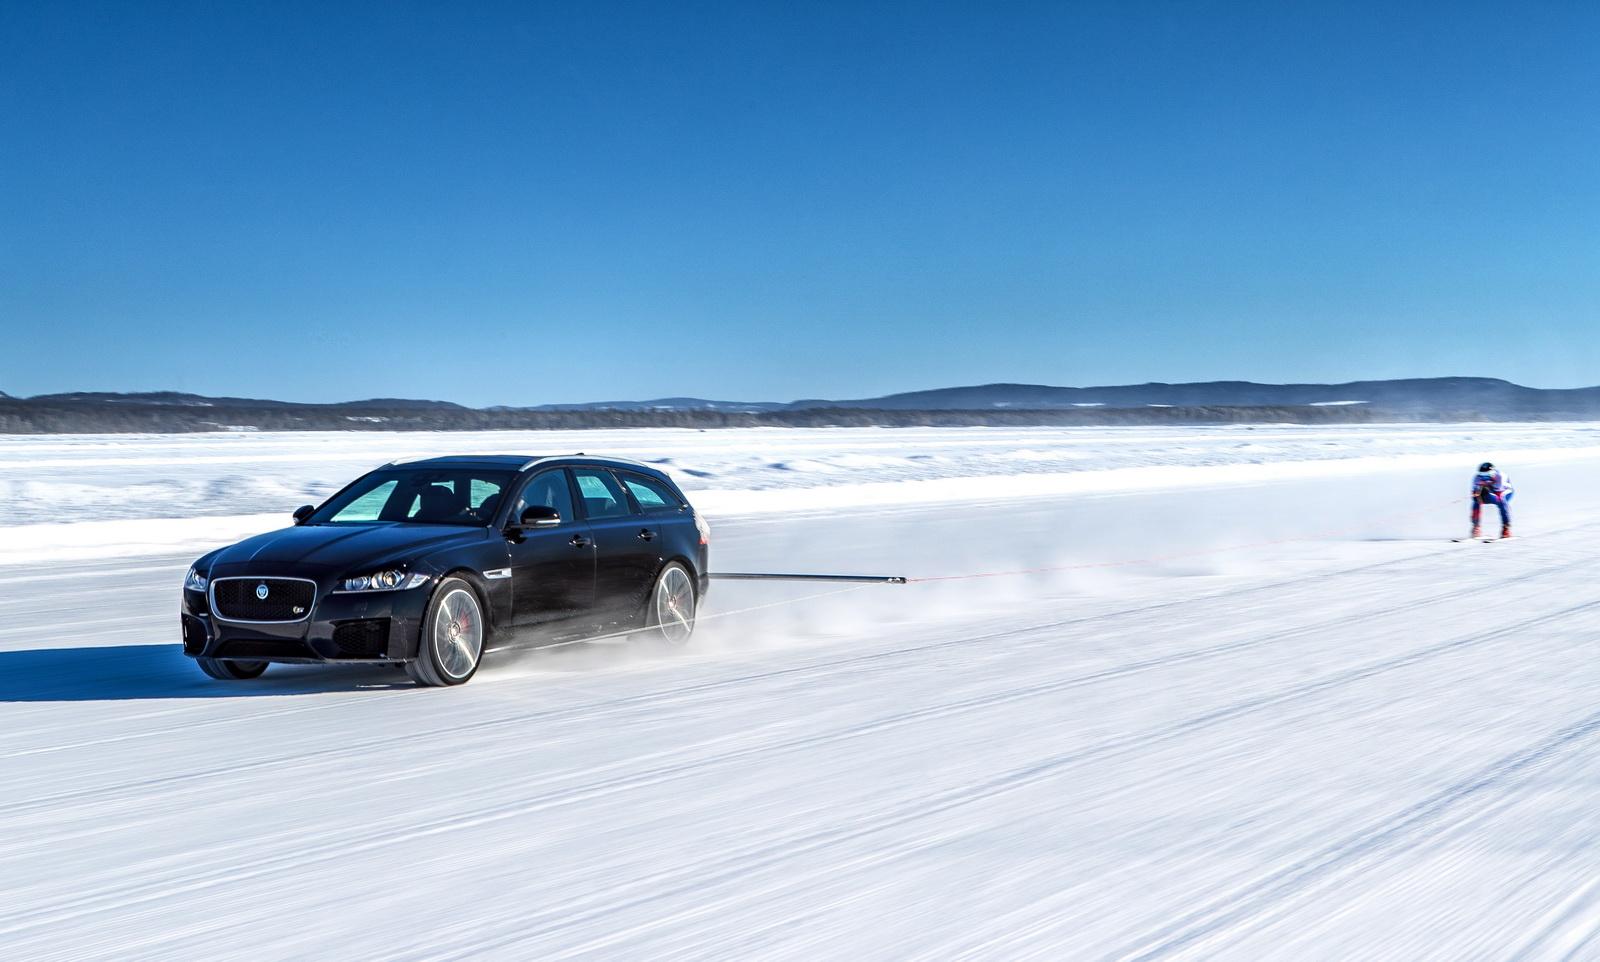 Récord Guinness: esquiando a 189 km/h remolcado por un Jaguar XF